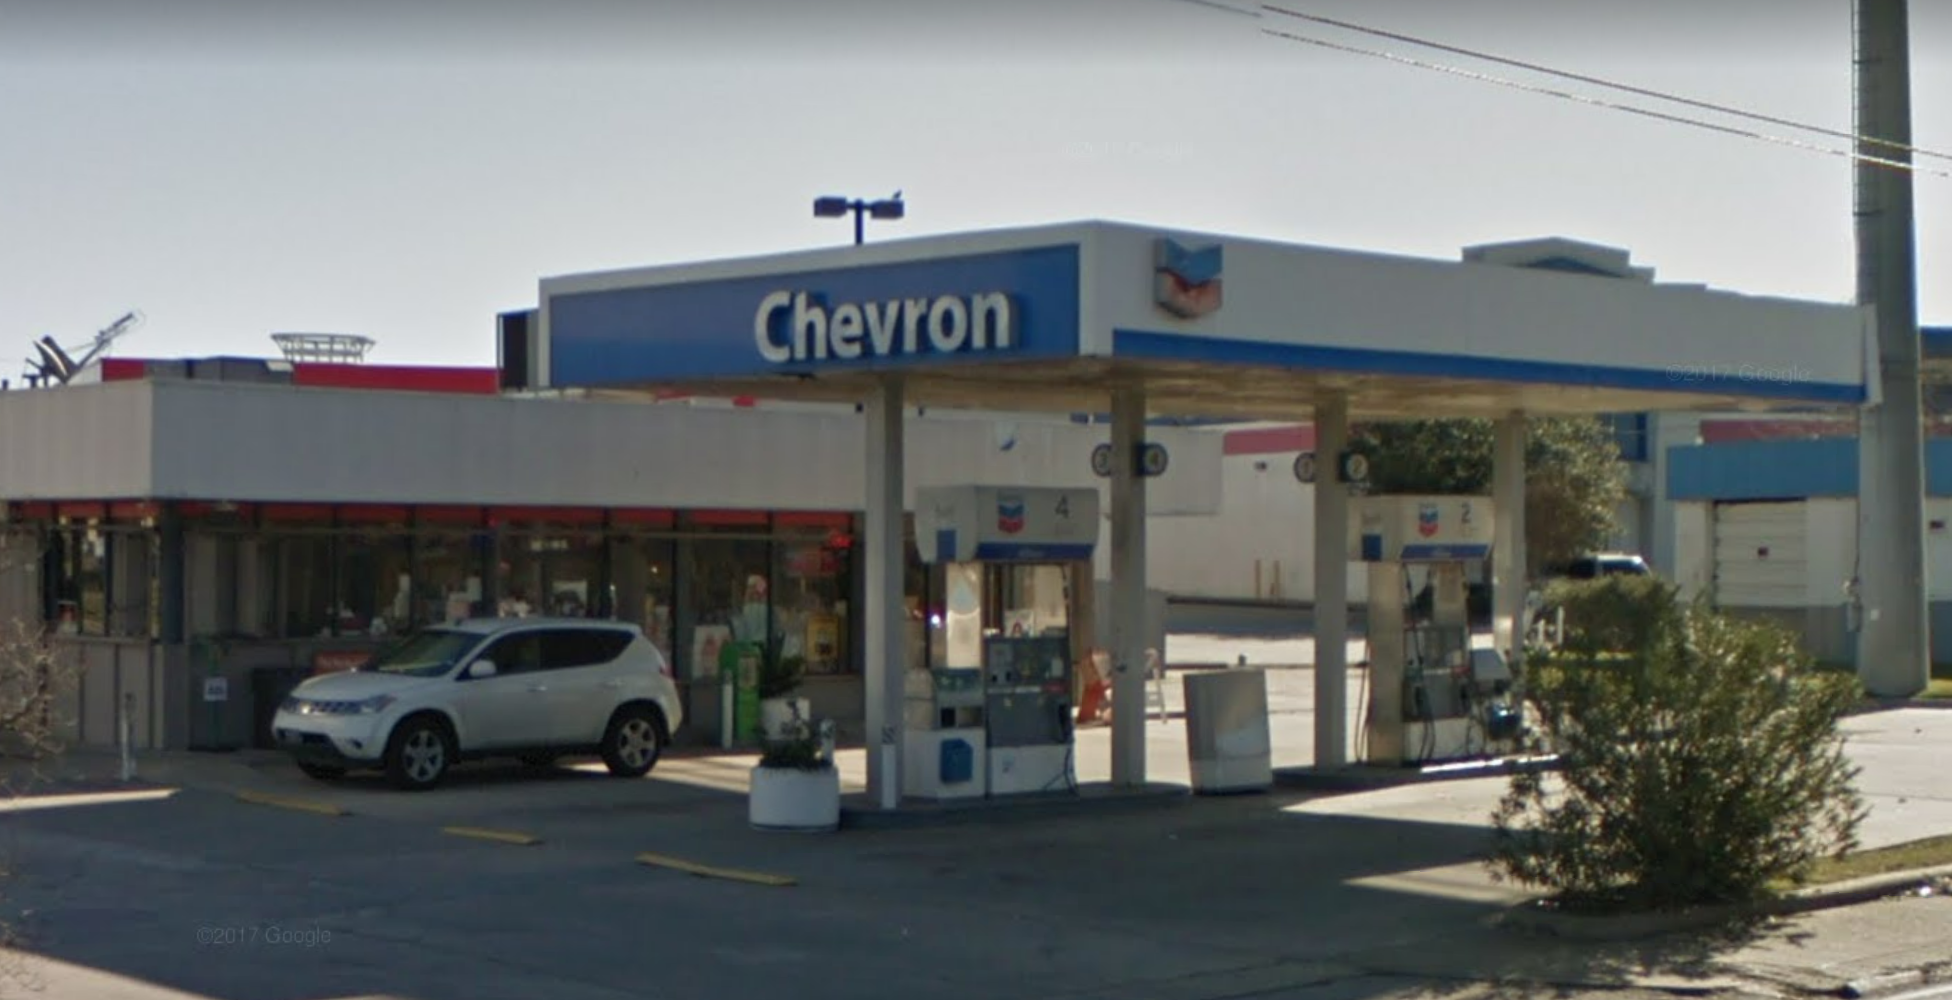 發生槍戰的加油站。(取材自谷歌地圖)